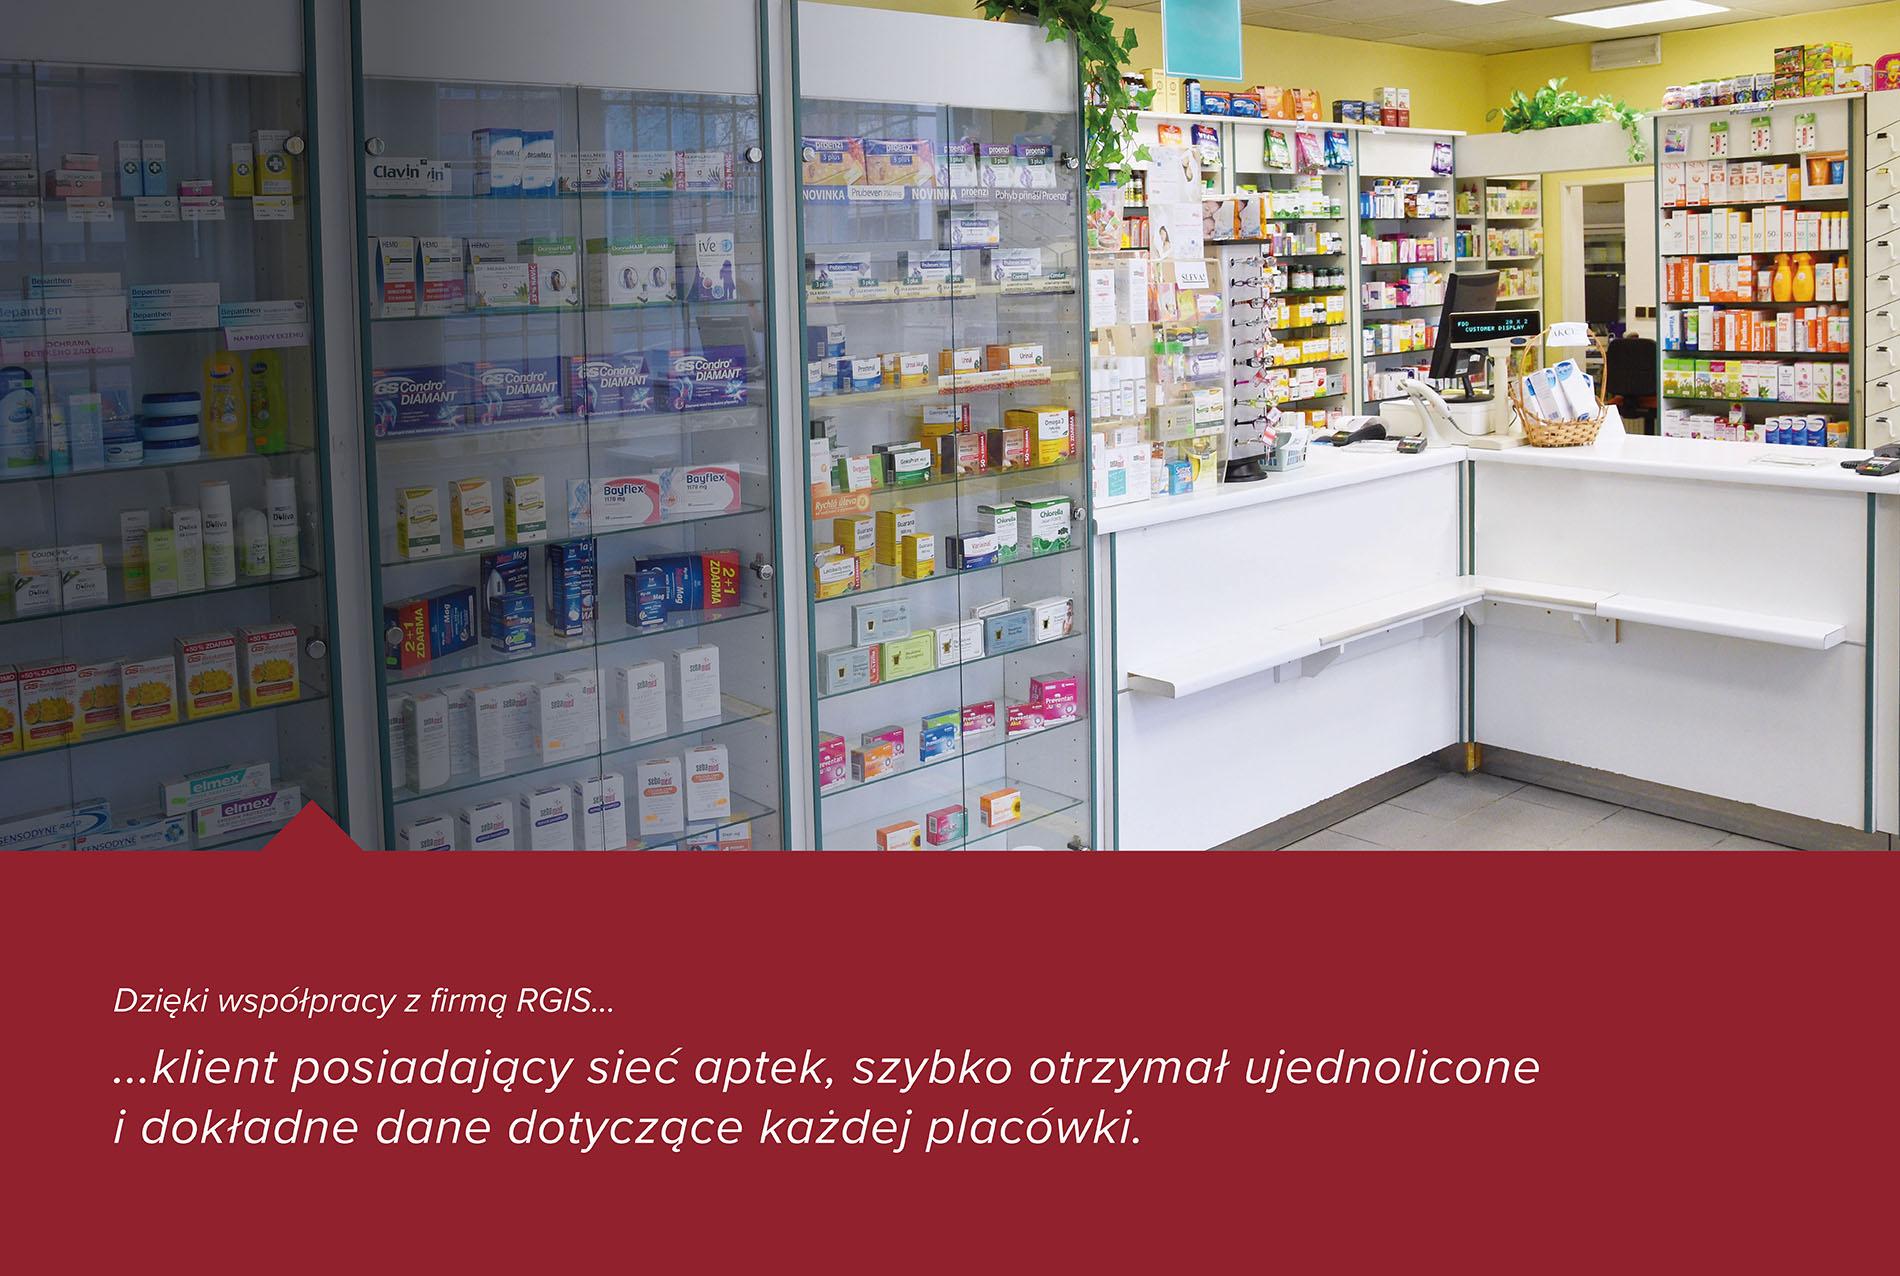 Inwentaryzacja sieci aptek na terenie całego kraju